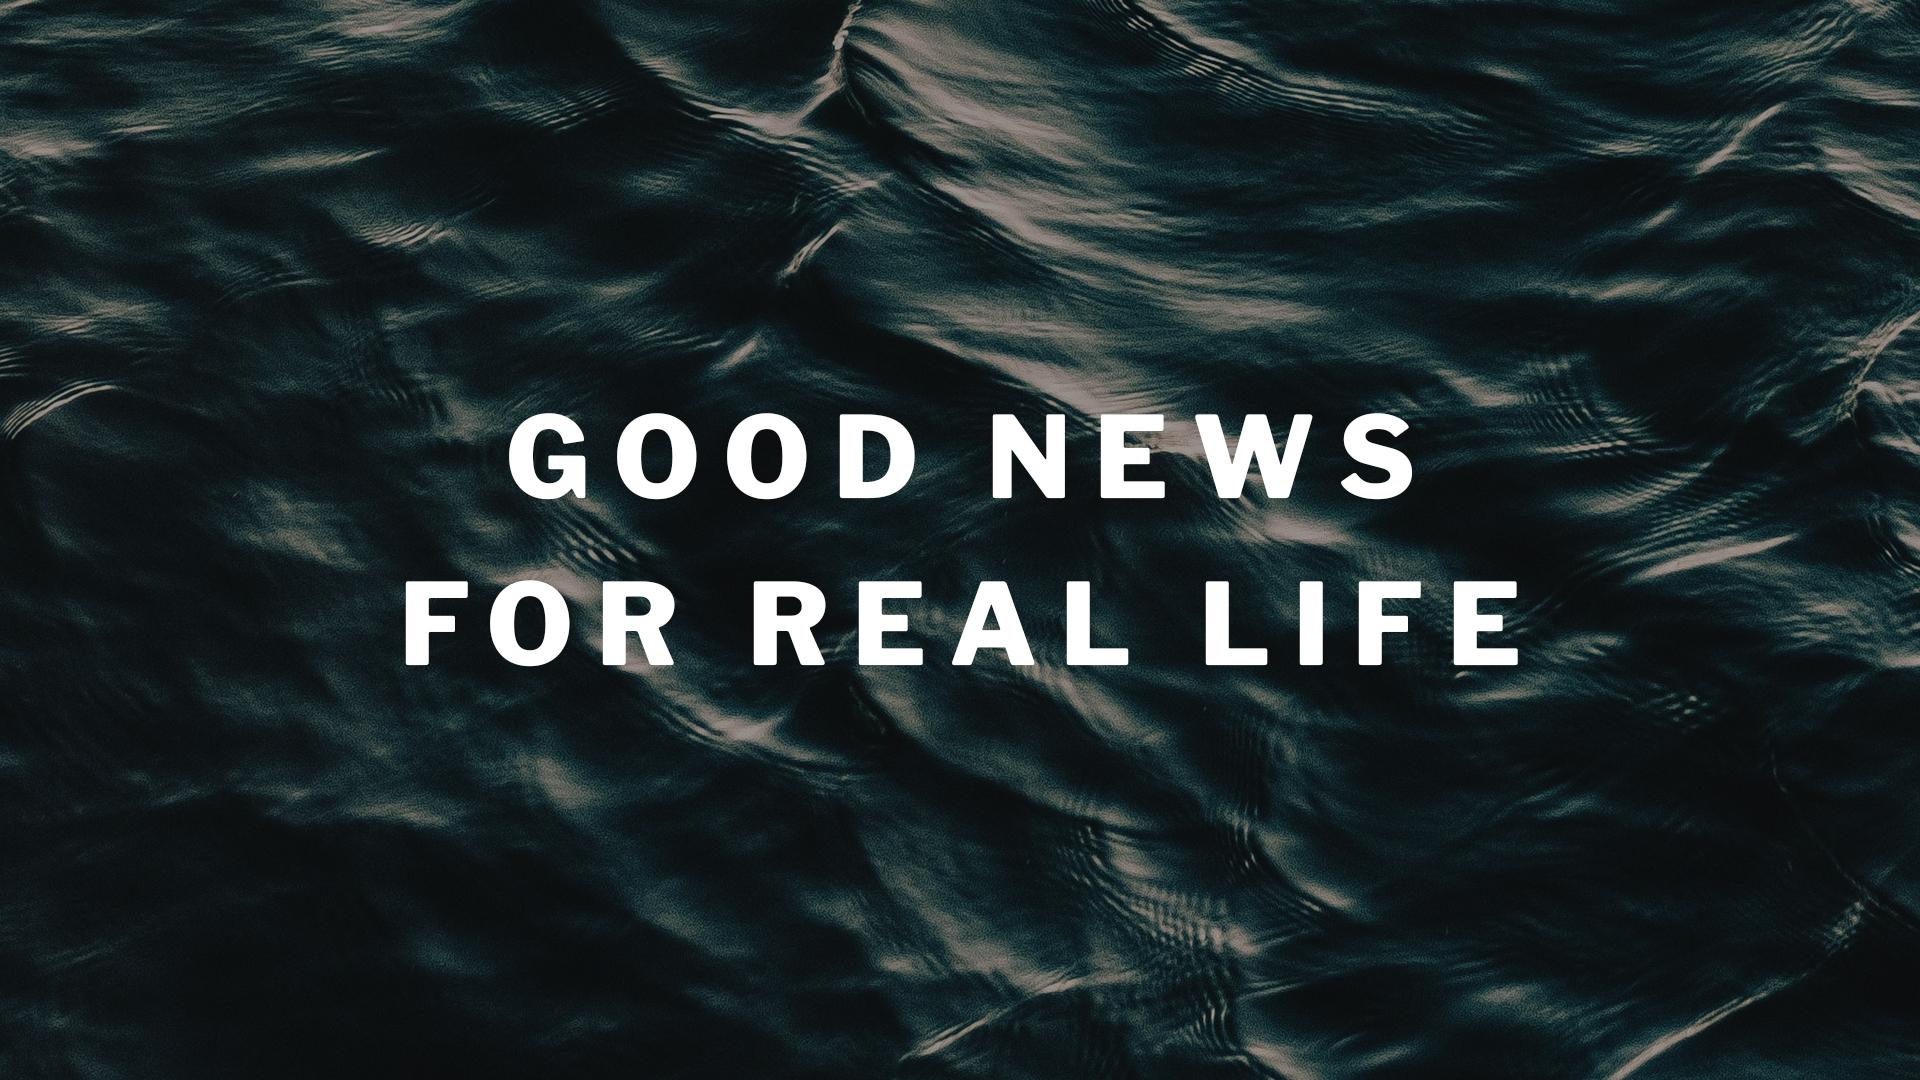 Good News for Real Life